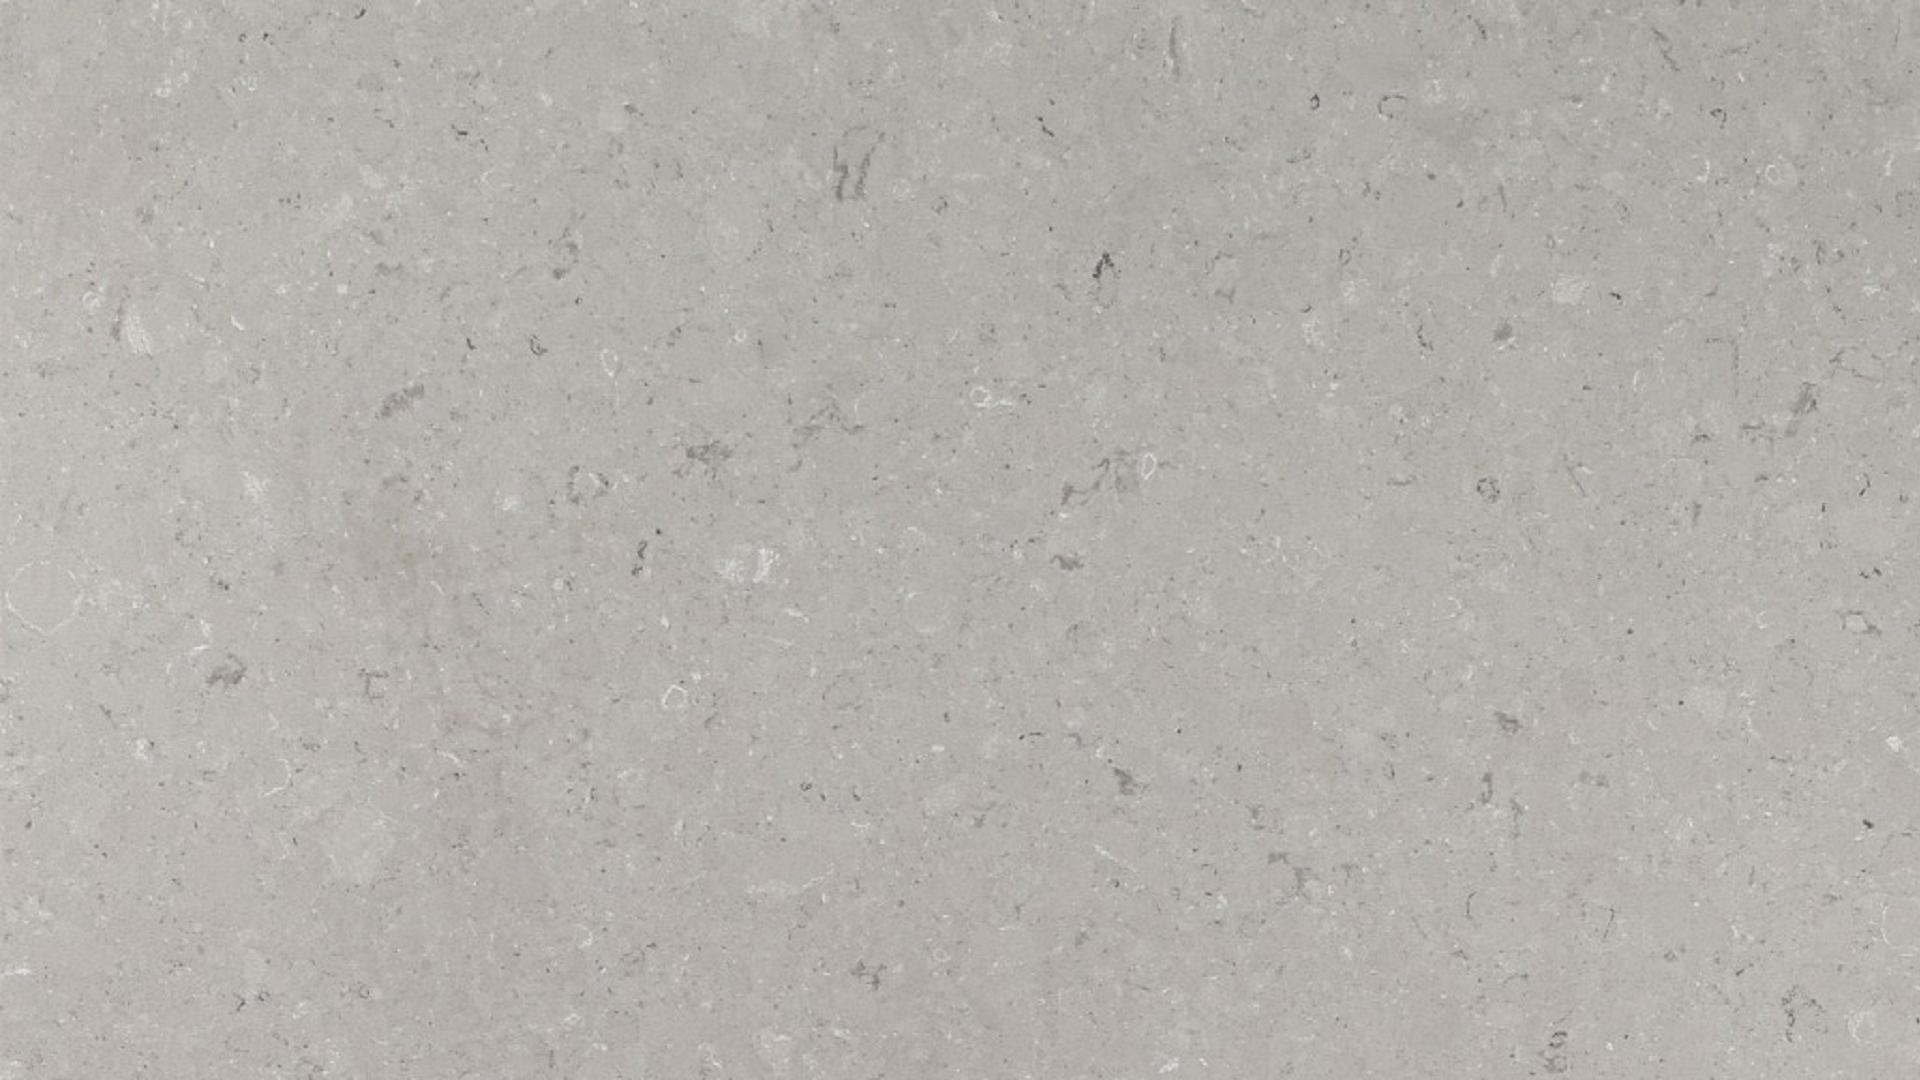 Caesarstone Clamshell Quartz